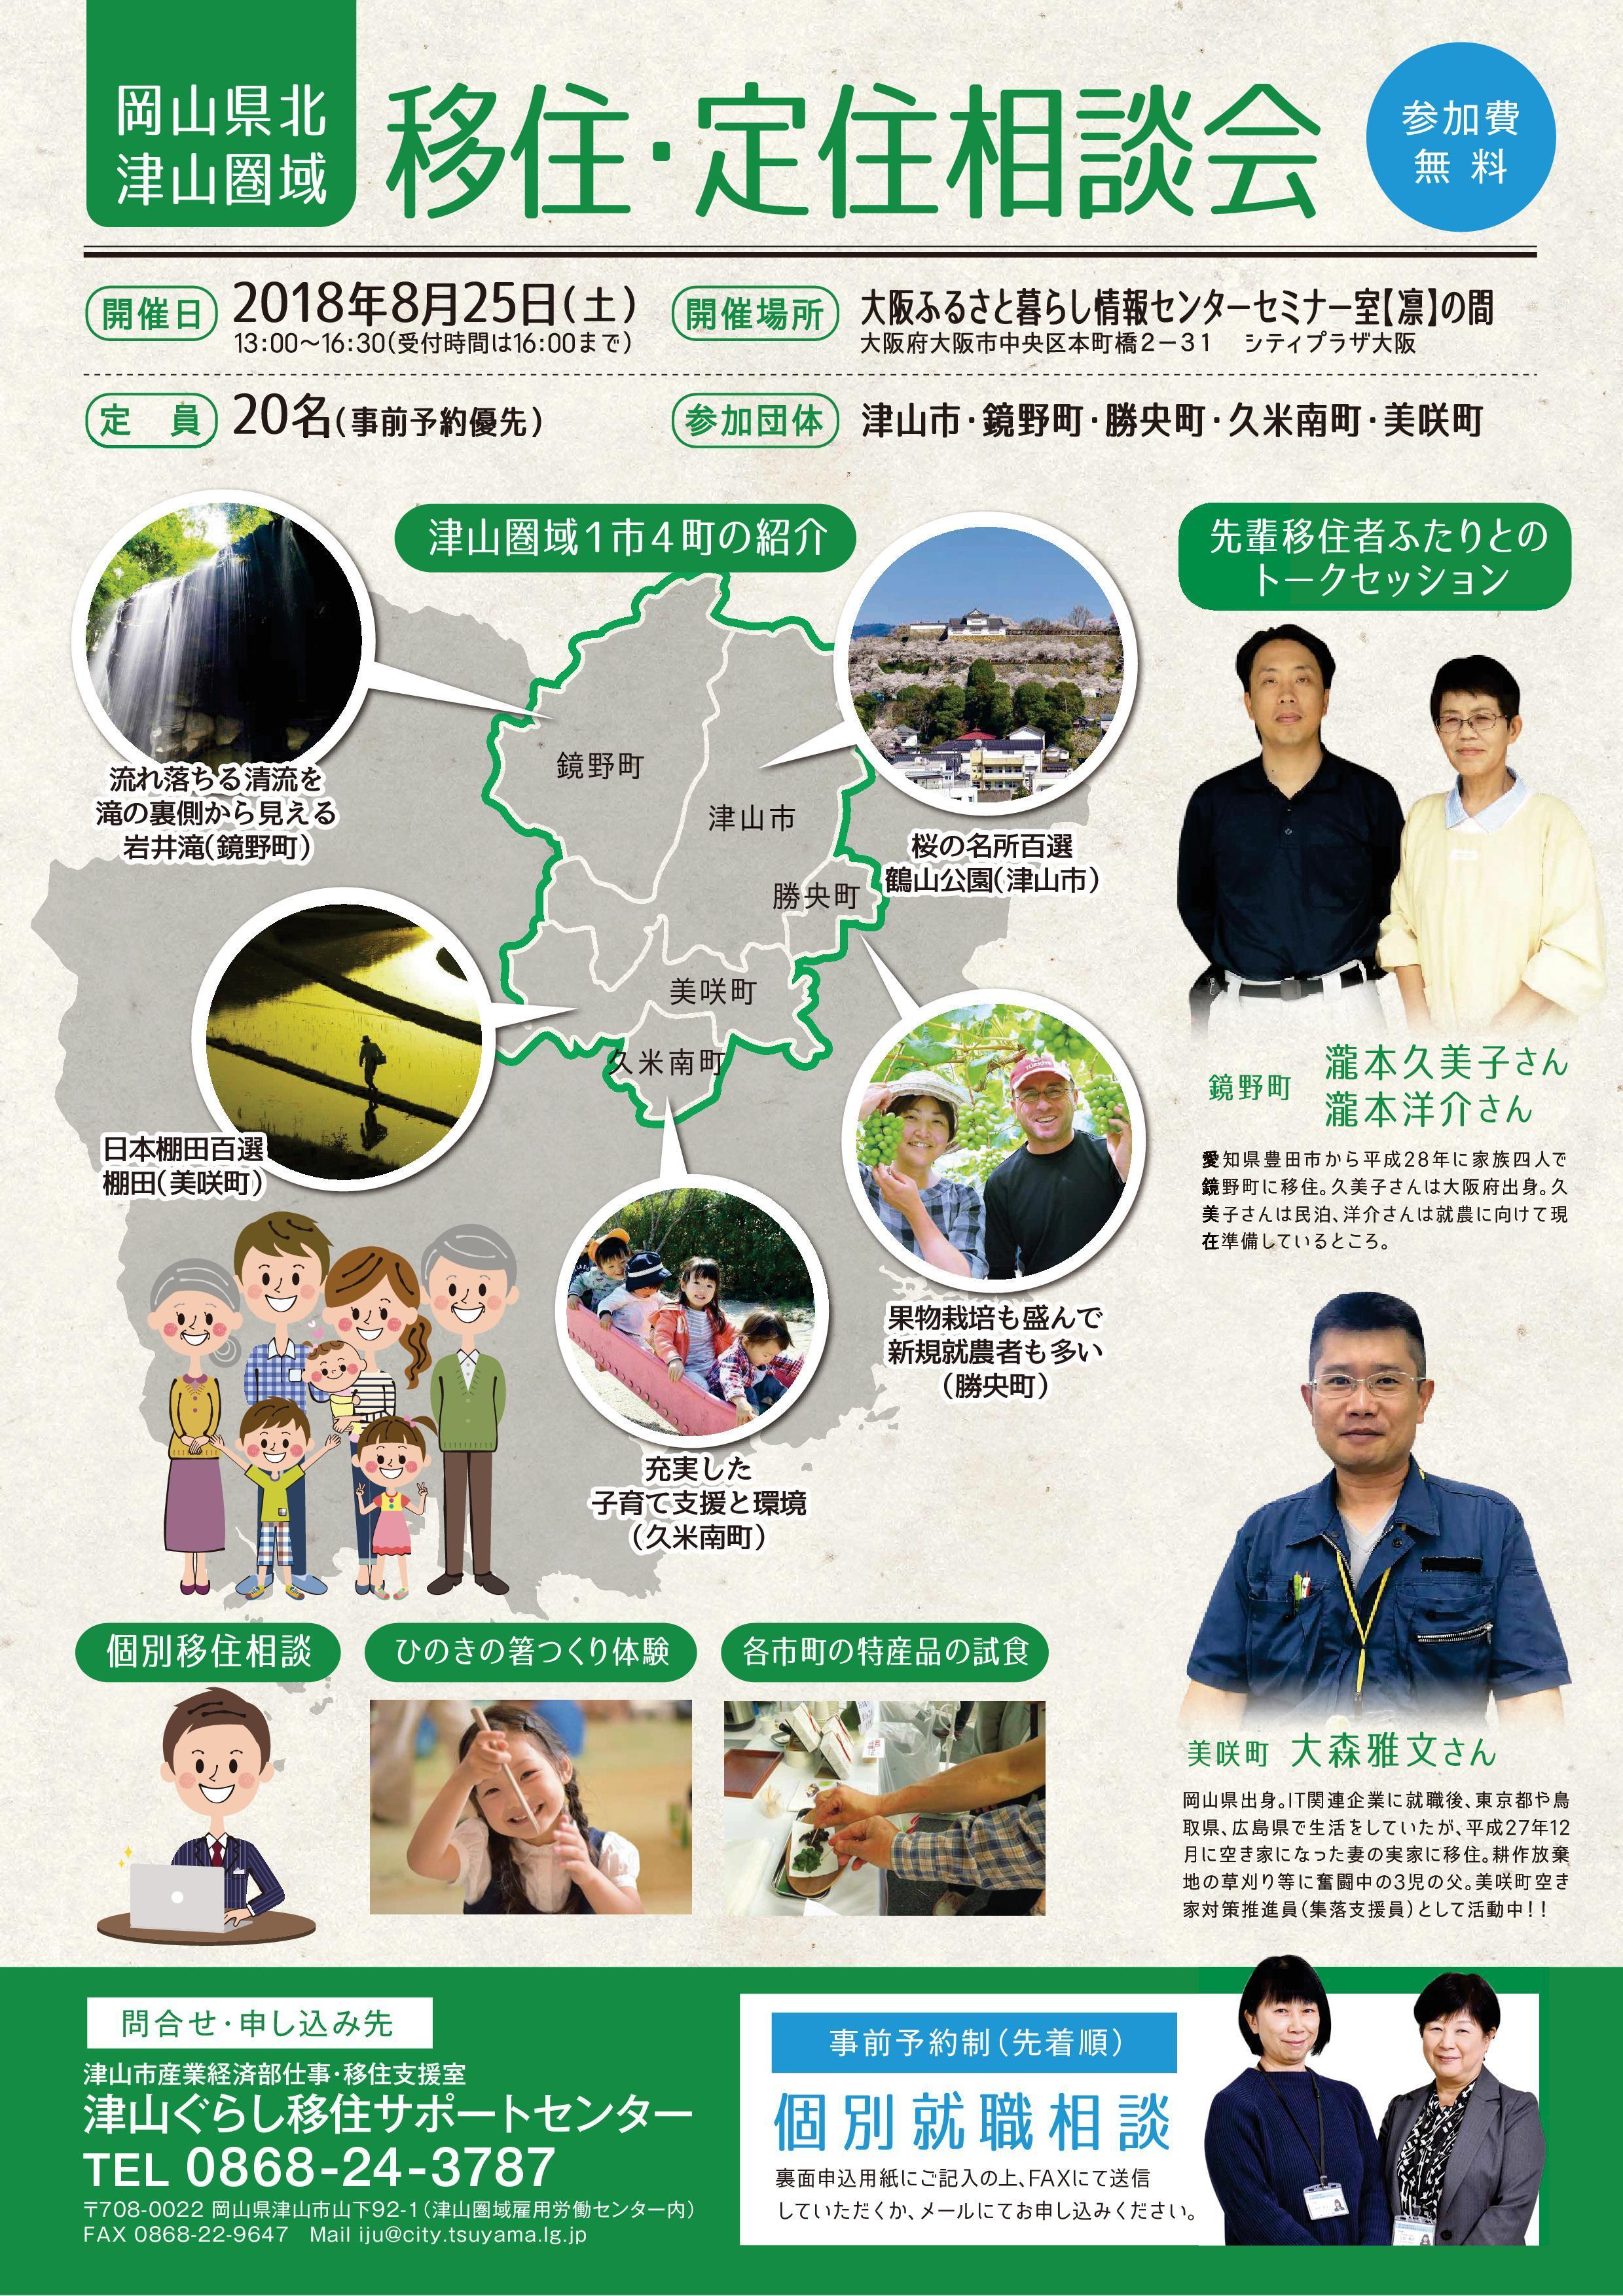 2018年8月25日(土) 岡山県北 津山圏域 移住・定住相談会 開催のお知らせ